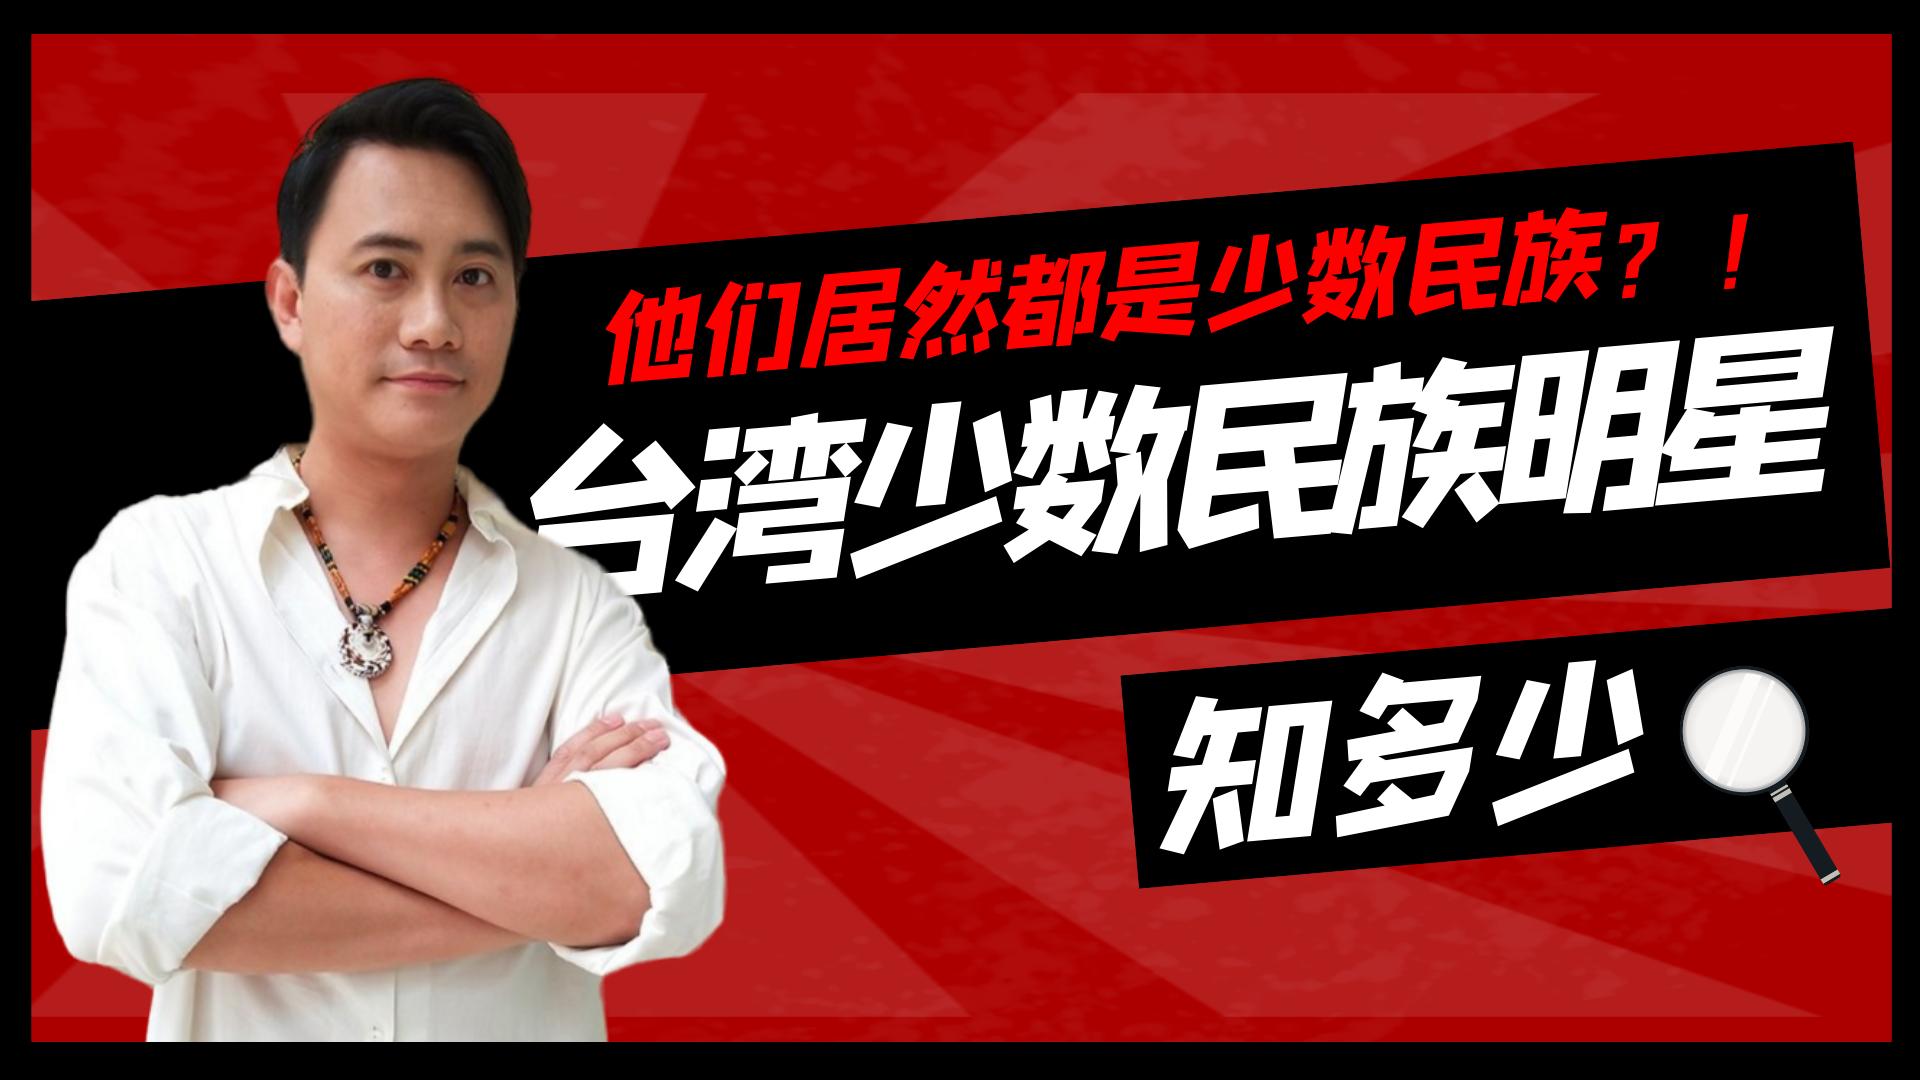 萧敬腾、张震岳、温岚……台湾少数民族明星知多少!图片